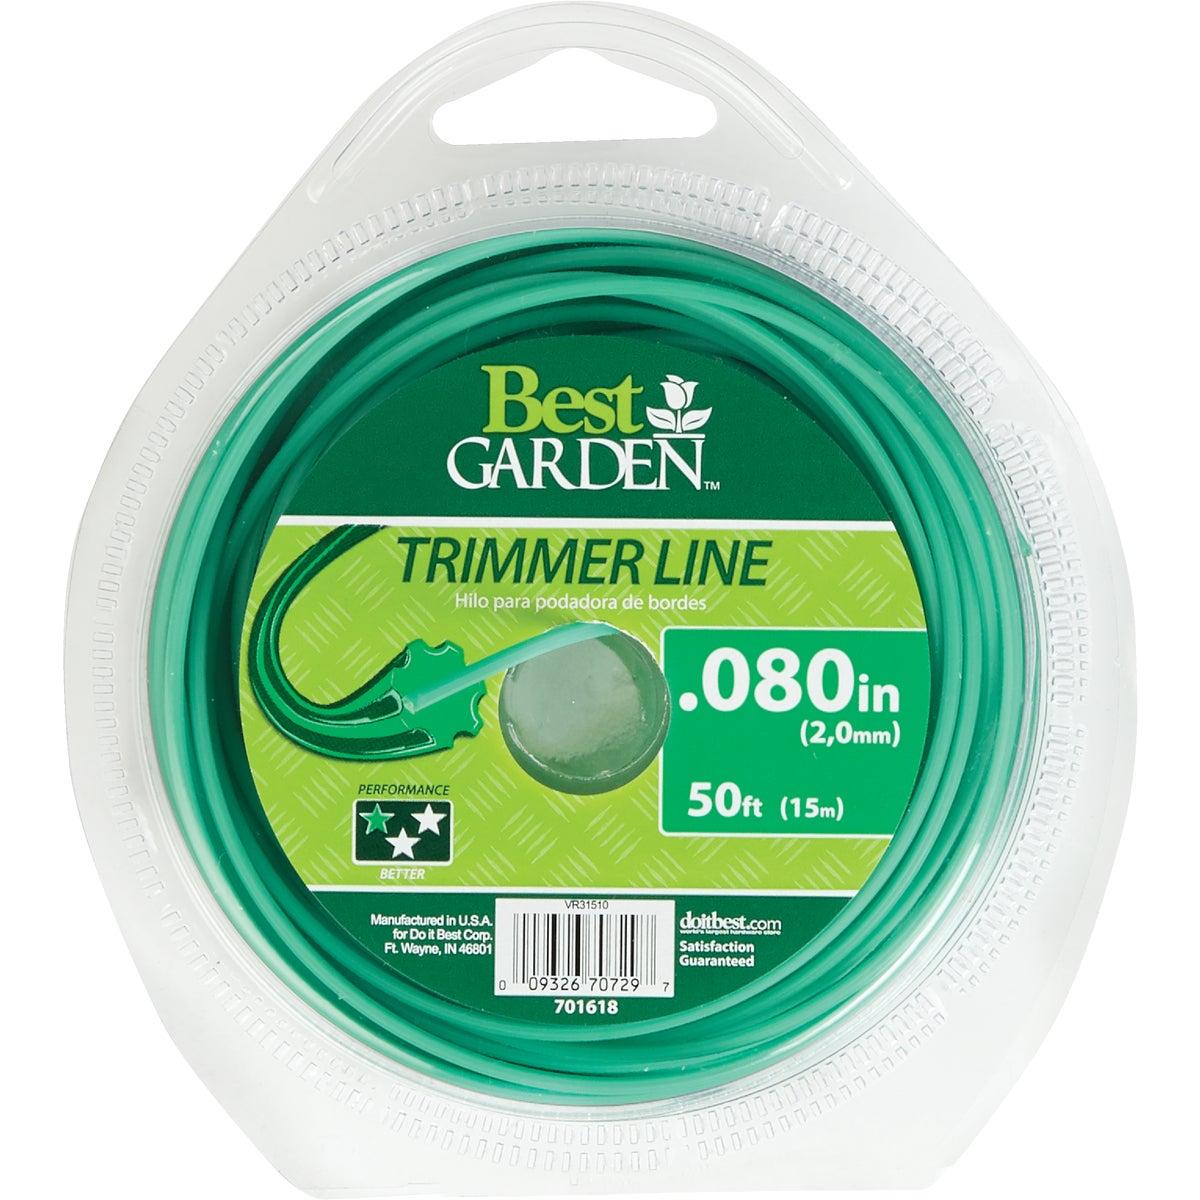 .080 50' TRIMMER LINE